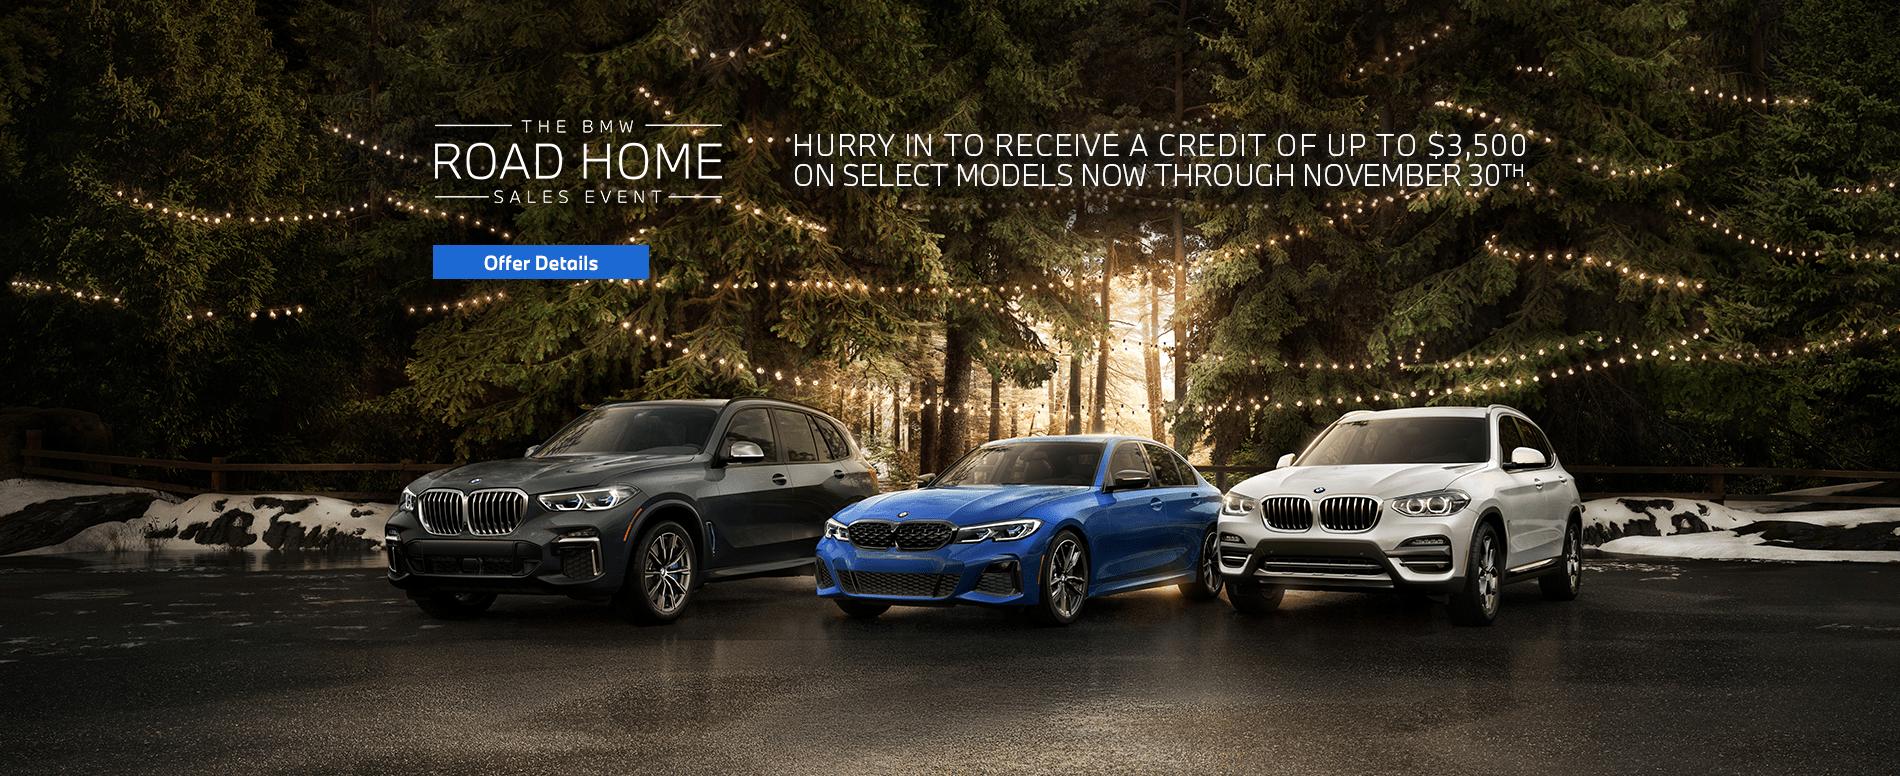 PUSH_BMW_ROAD_HOME_CREDIT_Desktop